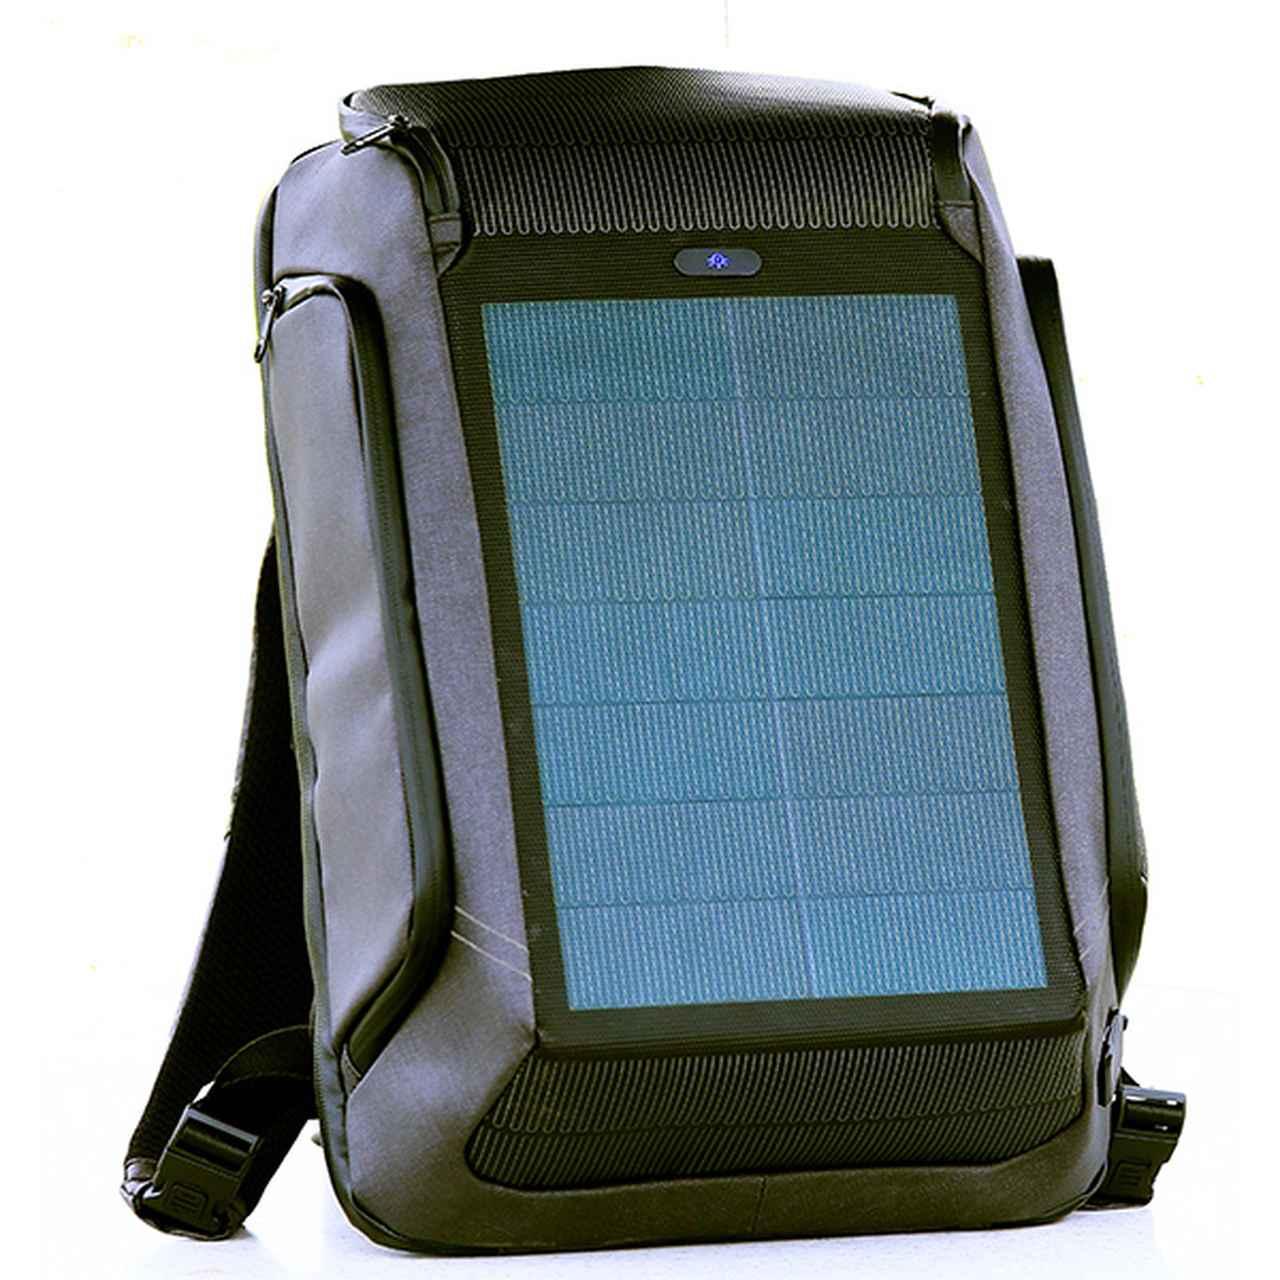 画像1: 【正規輸入品】ソーラーチャージャー搭載マルチバックパック ビームバックパック / Beam Backpack-モーターマガジン Web Shop